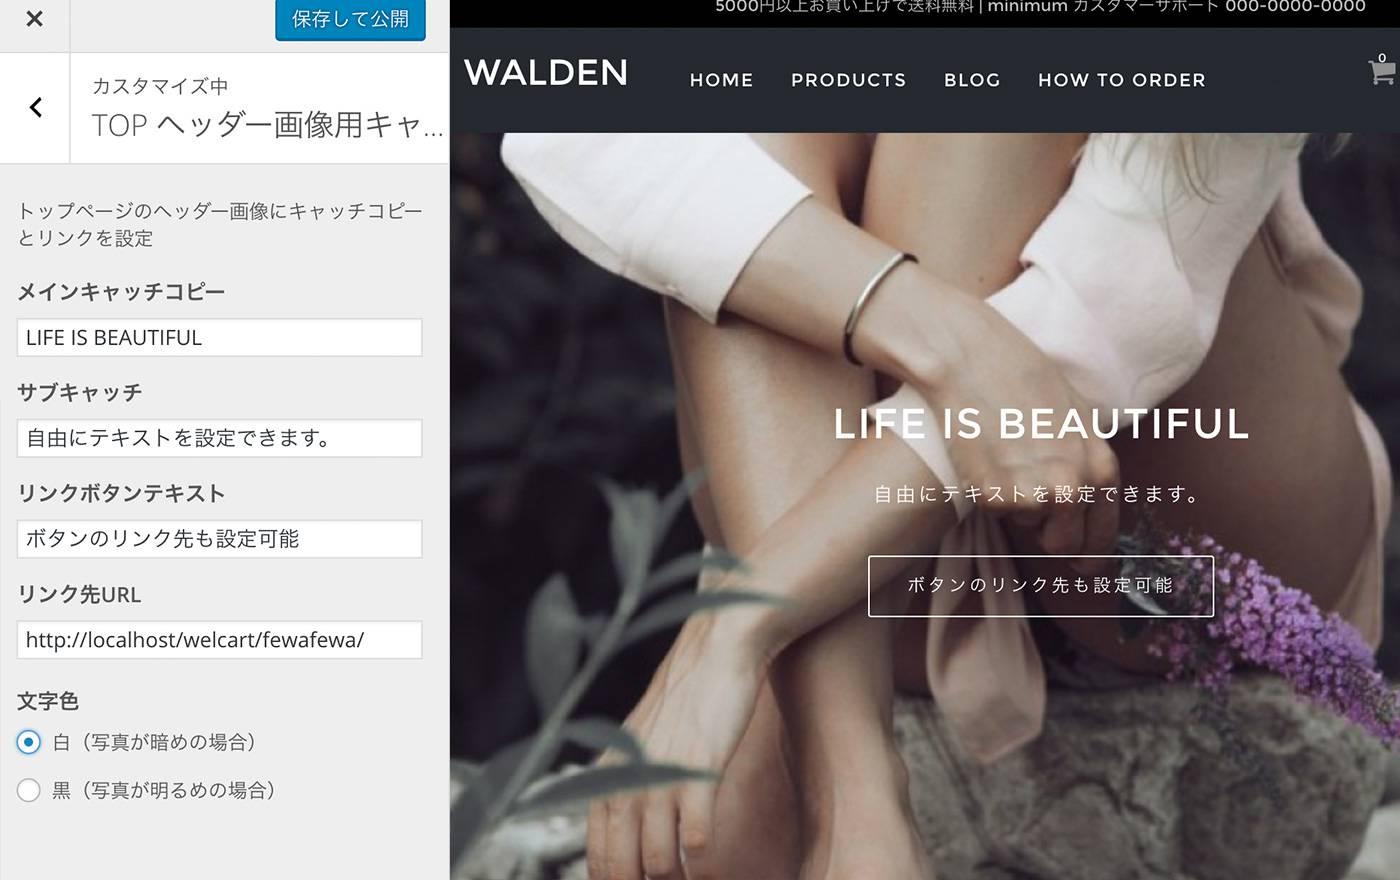 walden_responsive